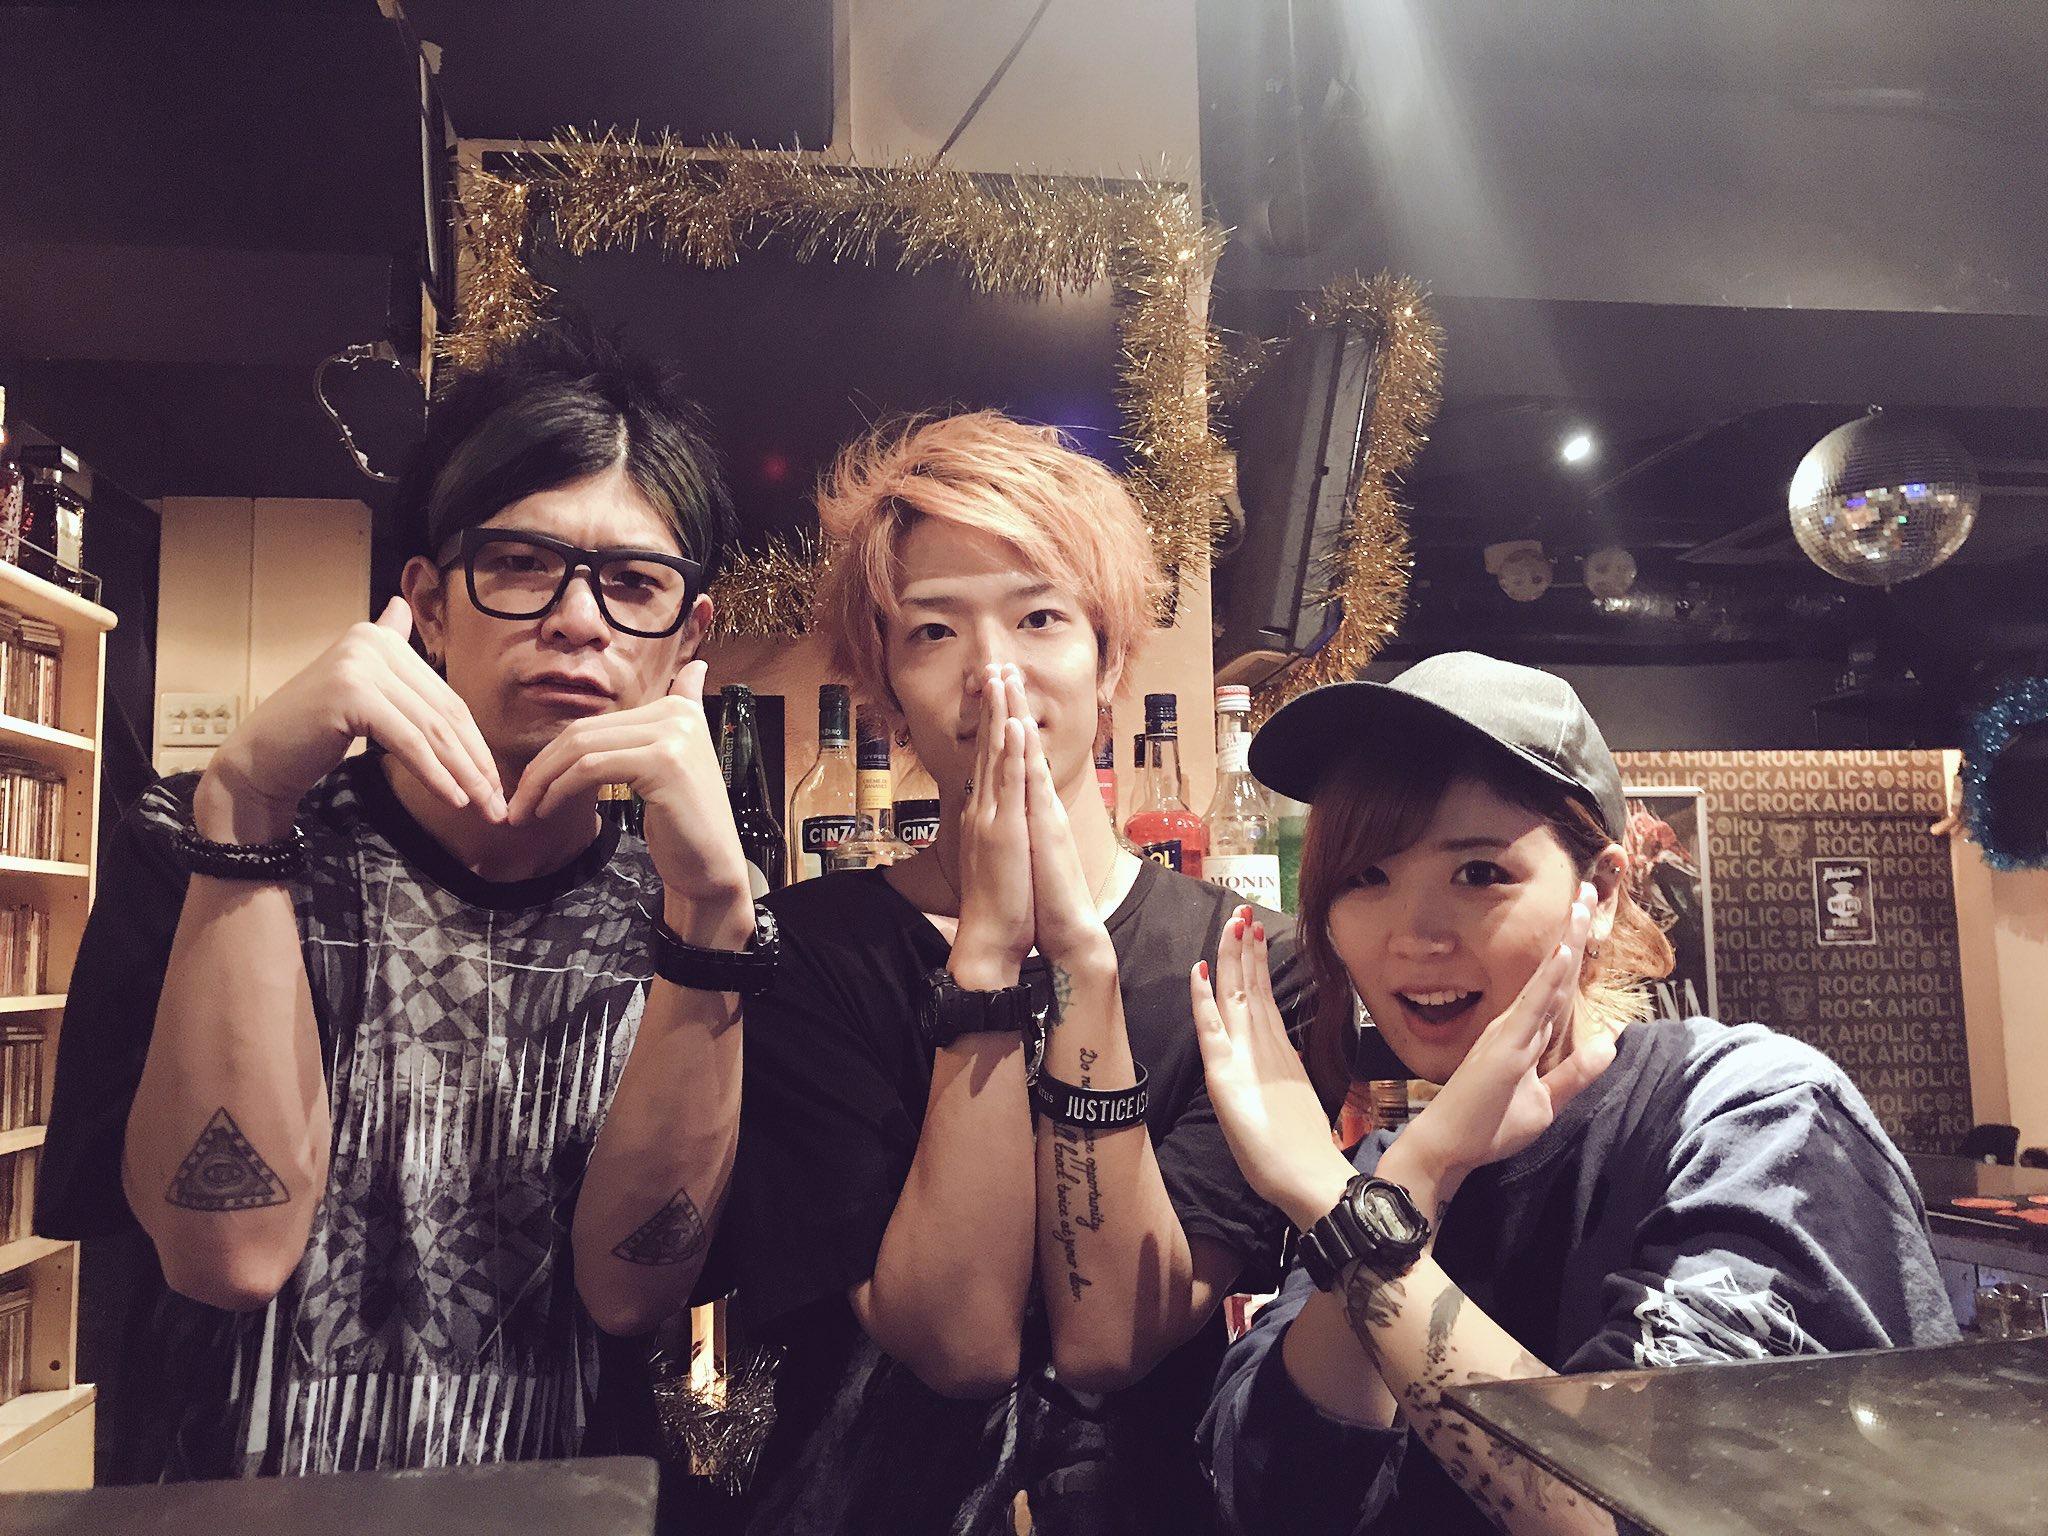 http://bar-rockaholic.jp/shibuya/blog/IMG_5306.JPG